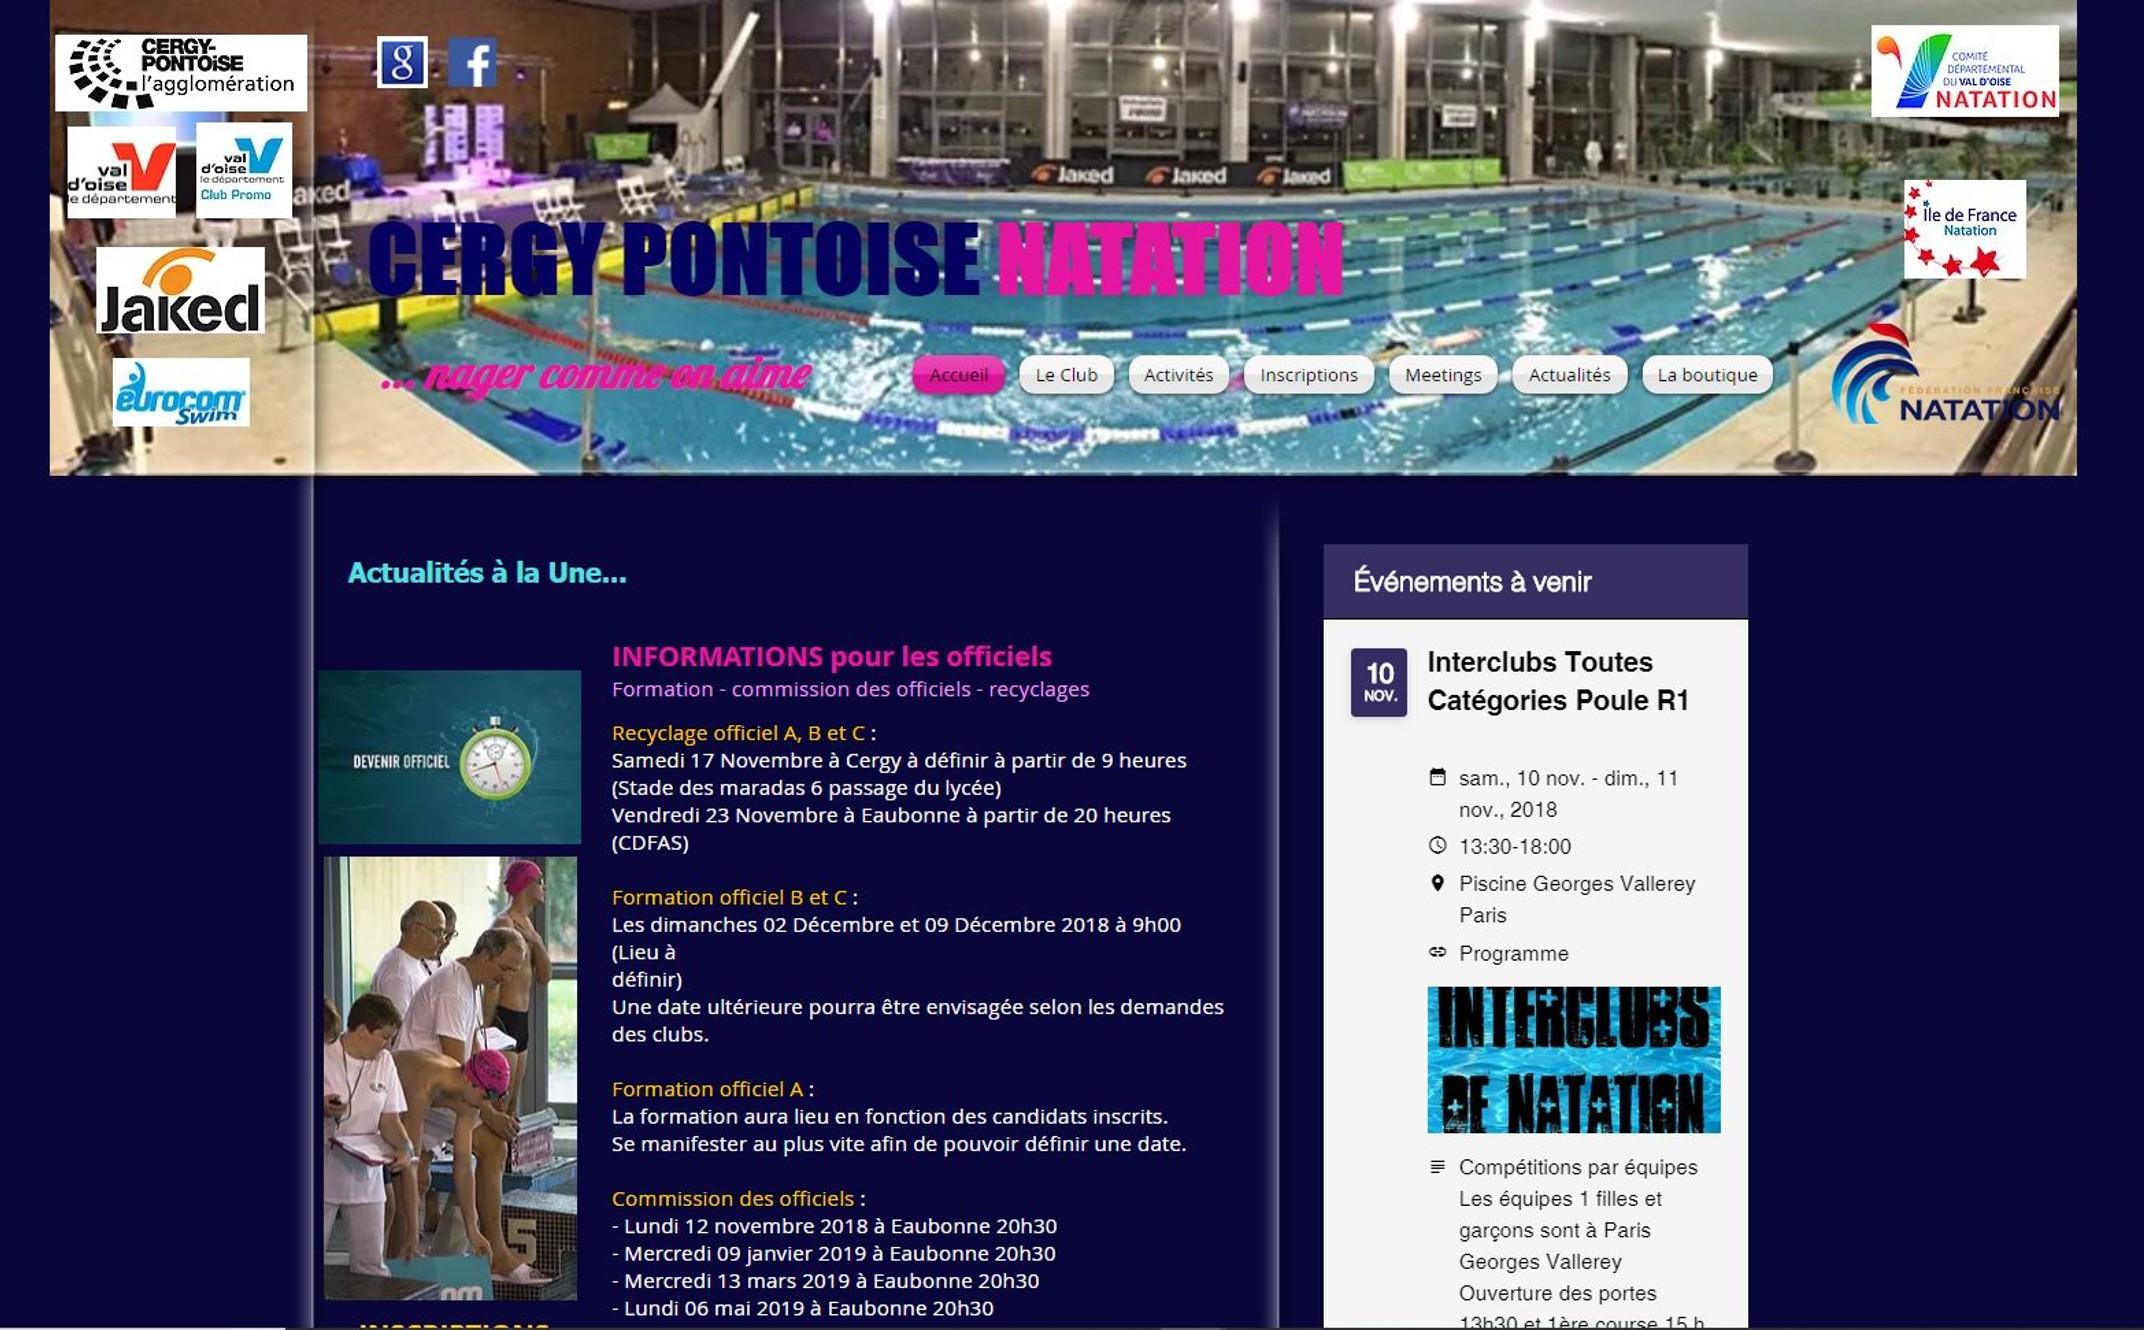 Cergy Pontoise Natation à Piscine Cergy Prefecture